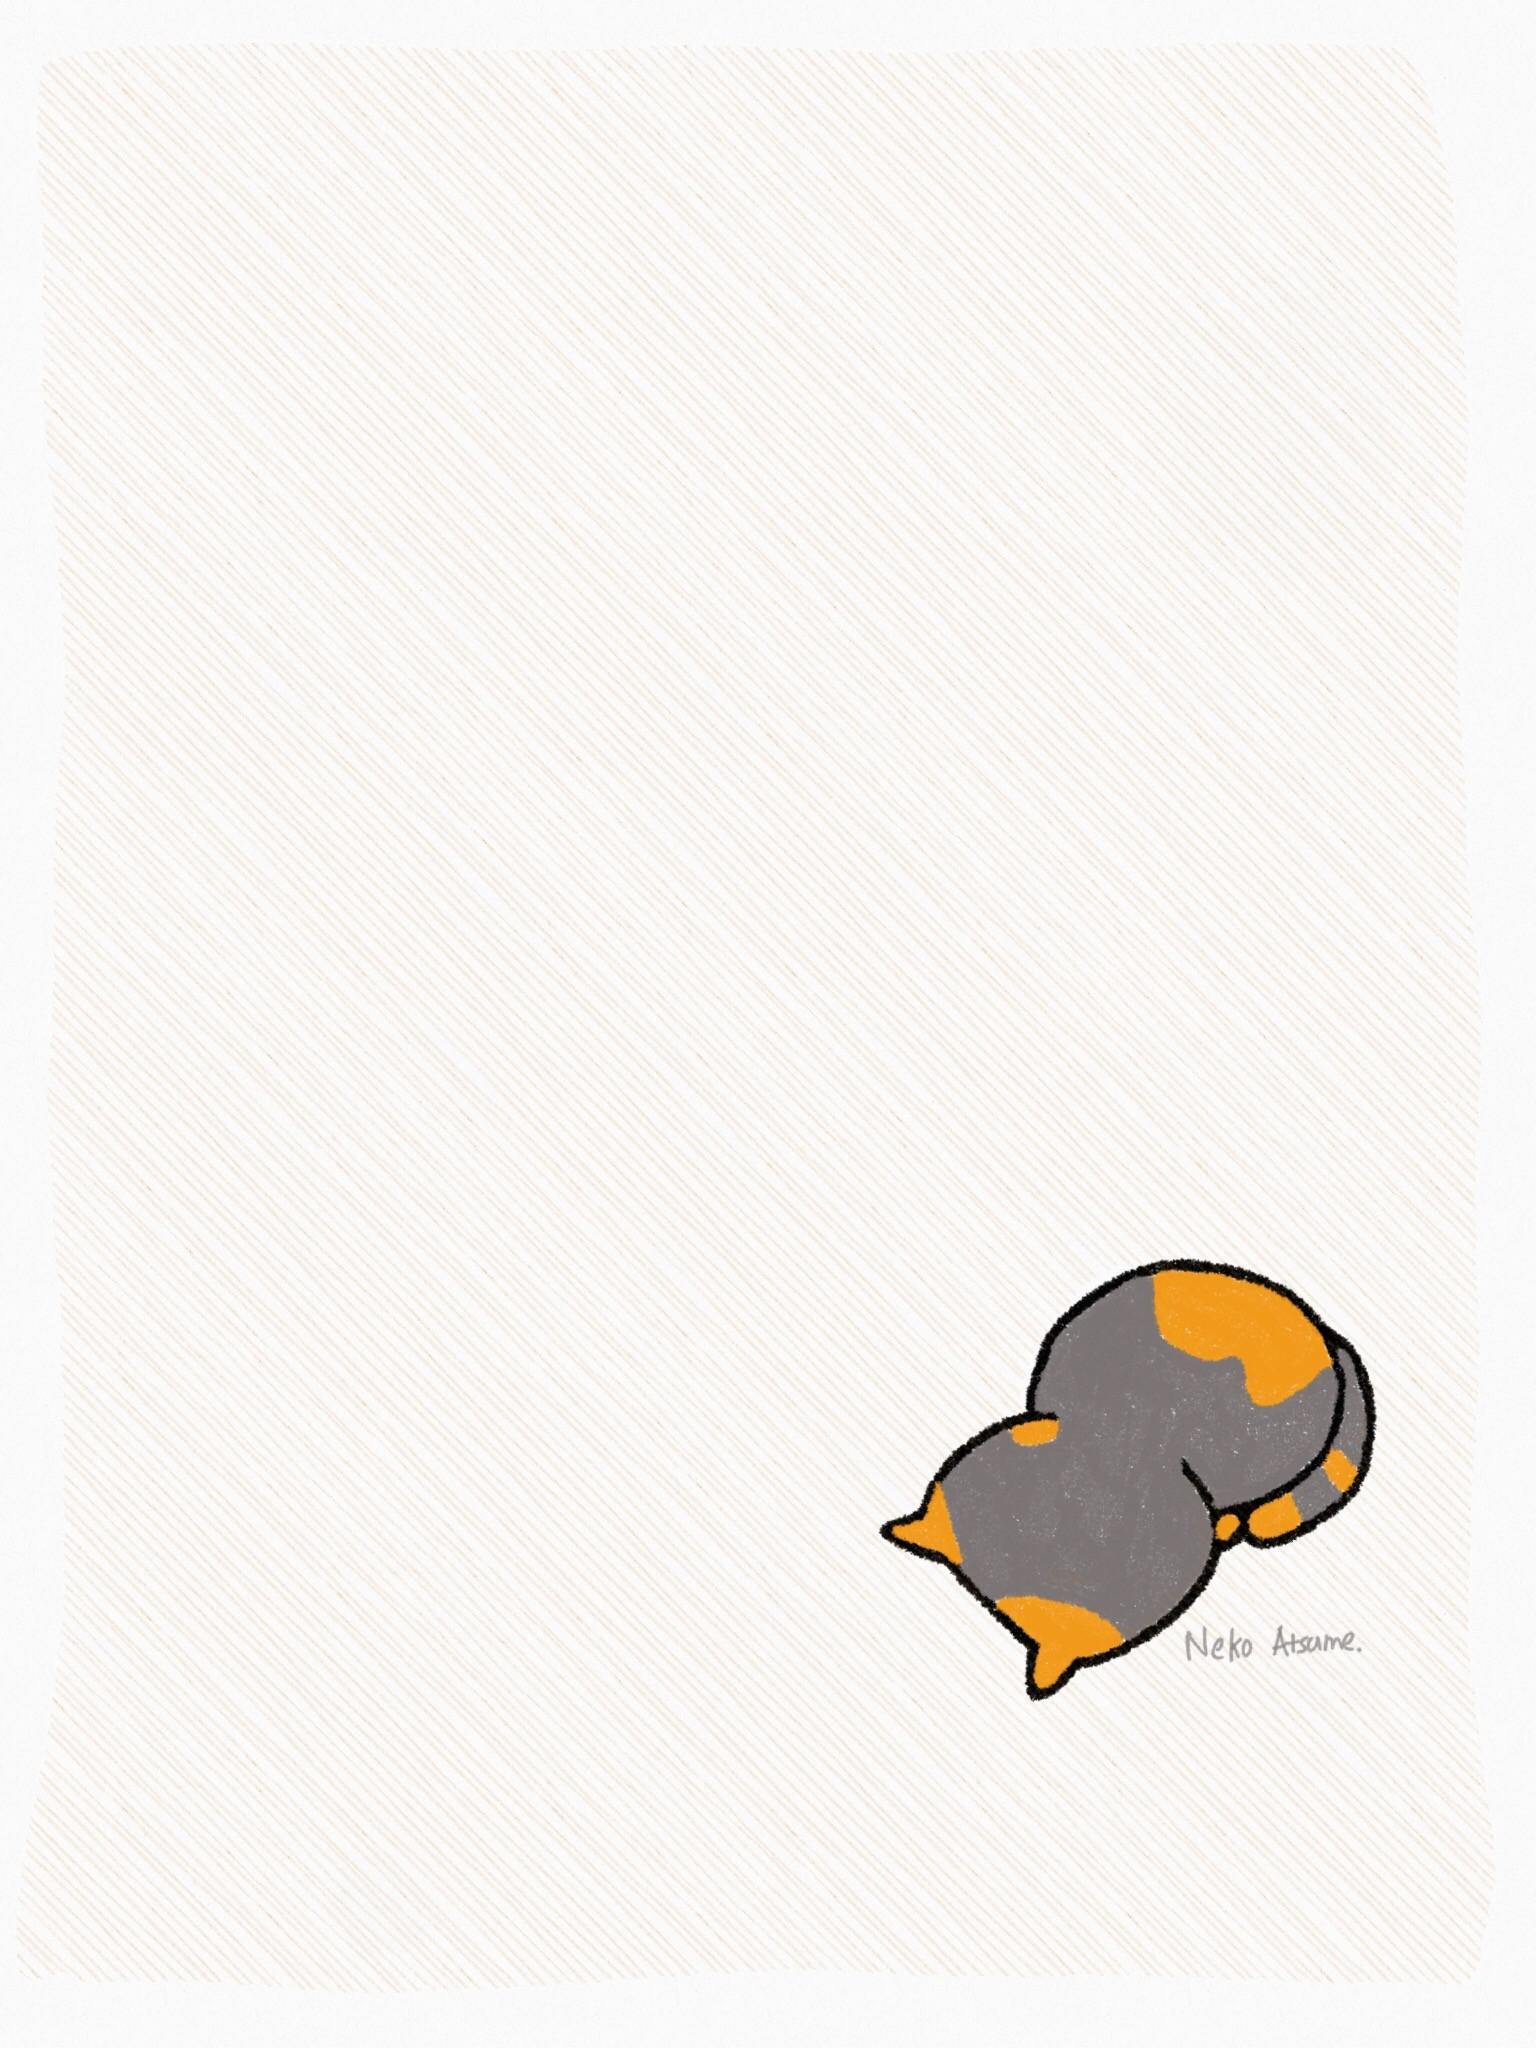 Neko Atsume wallpaper ·① Download free stunning wallpapers ...